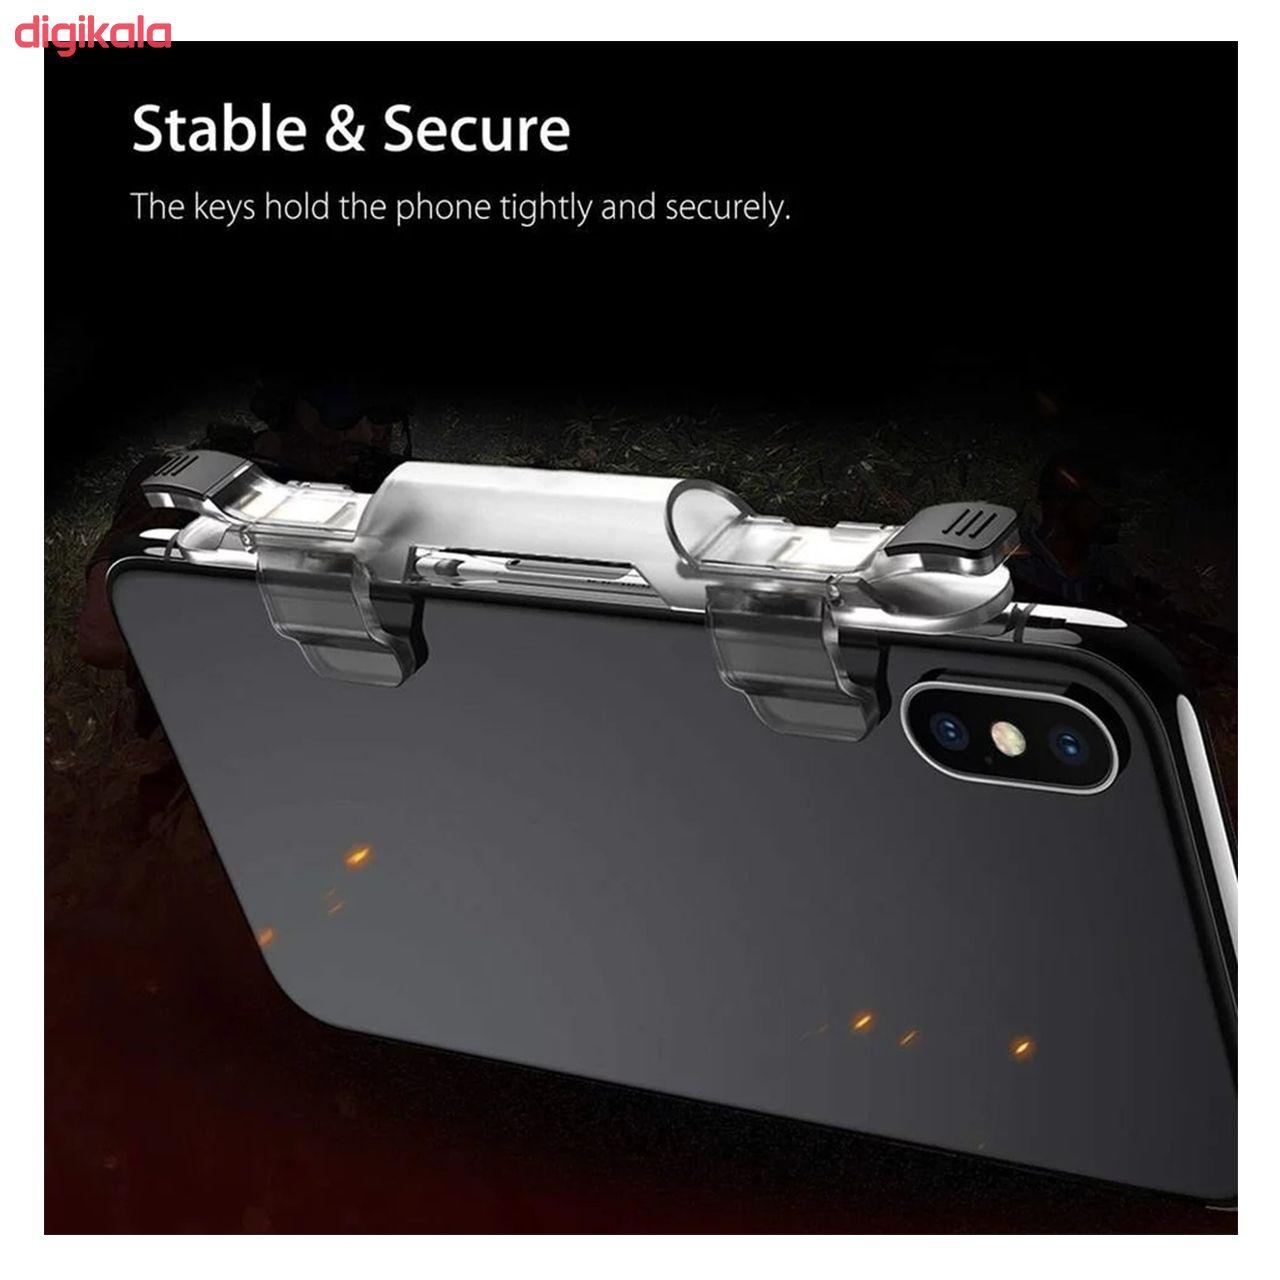 دسته بازی PubG هوک مدل HK001 مناسب برای گوشی موبایل main 1 6